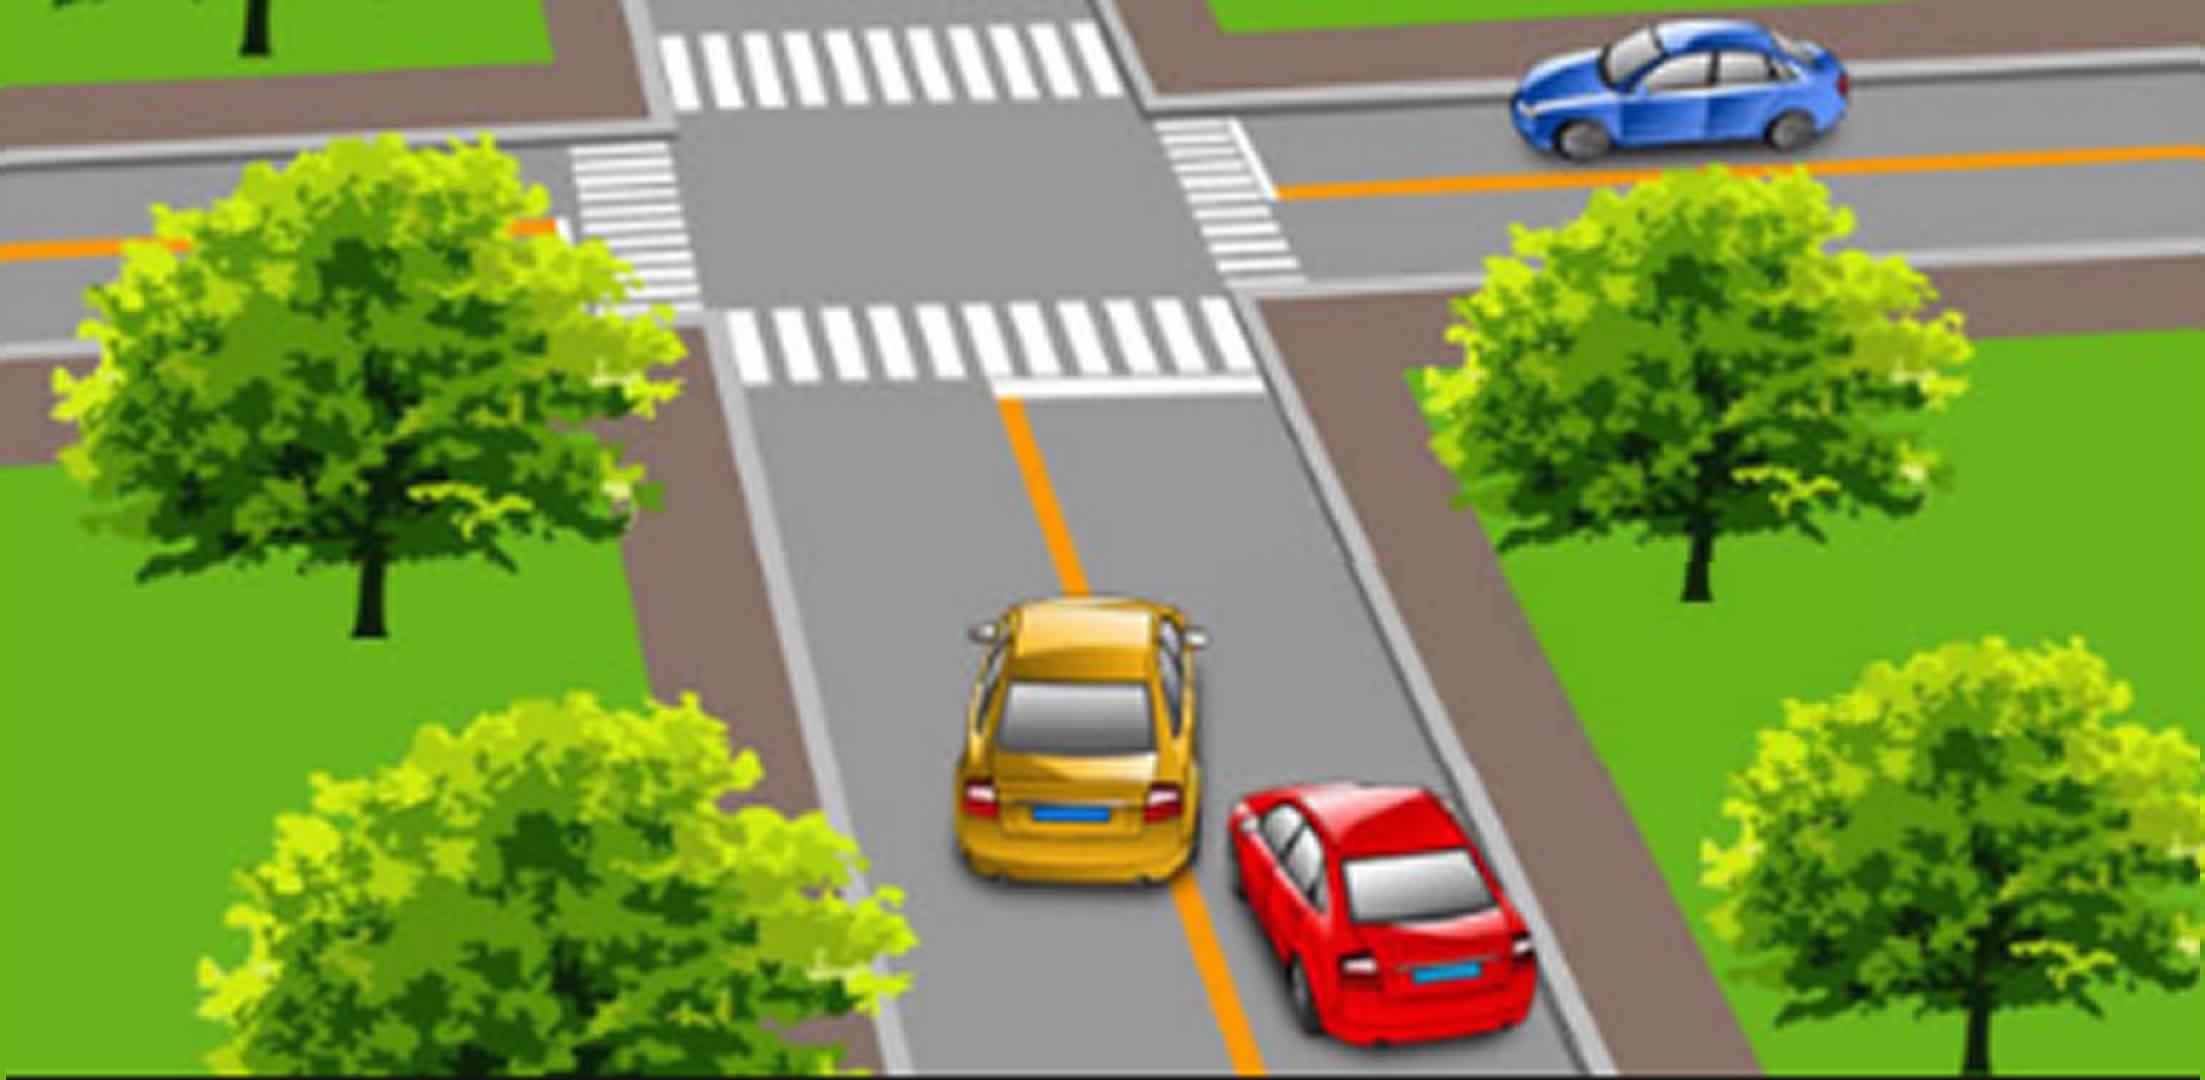 请判断一下图中这辆黄色小型客车有几种违法行为?